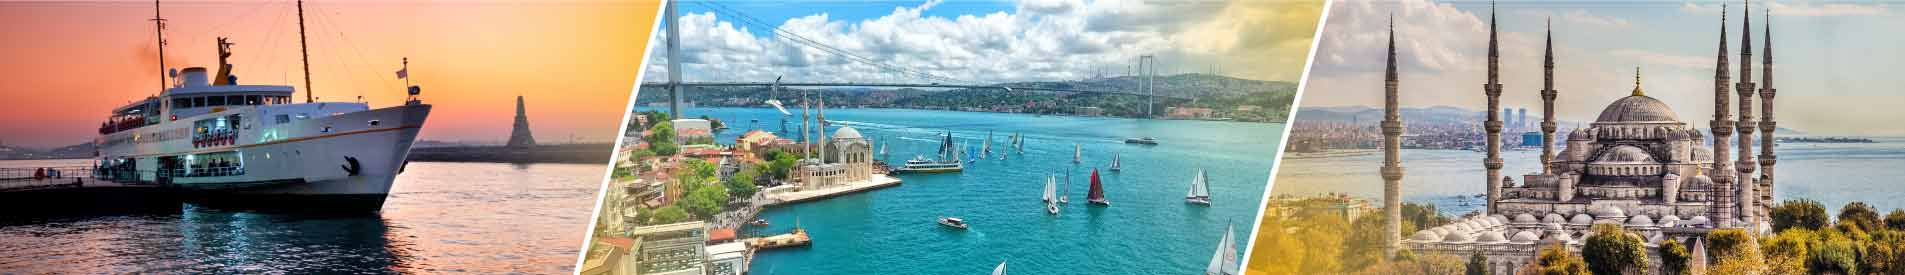 تور استانبول تست رایگان کرونا در منزل و مشاوره پزشکی رایگان